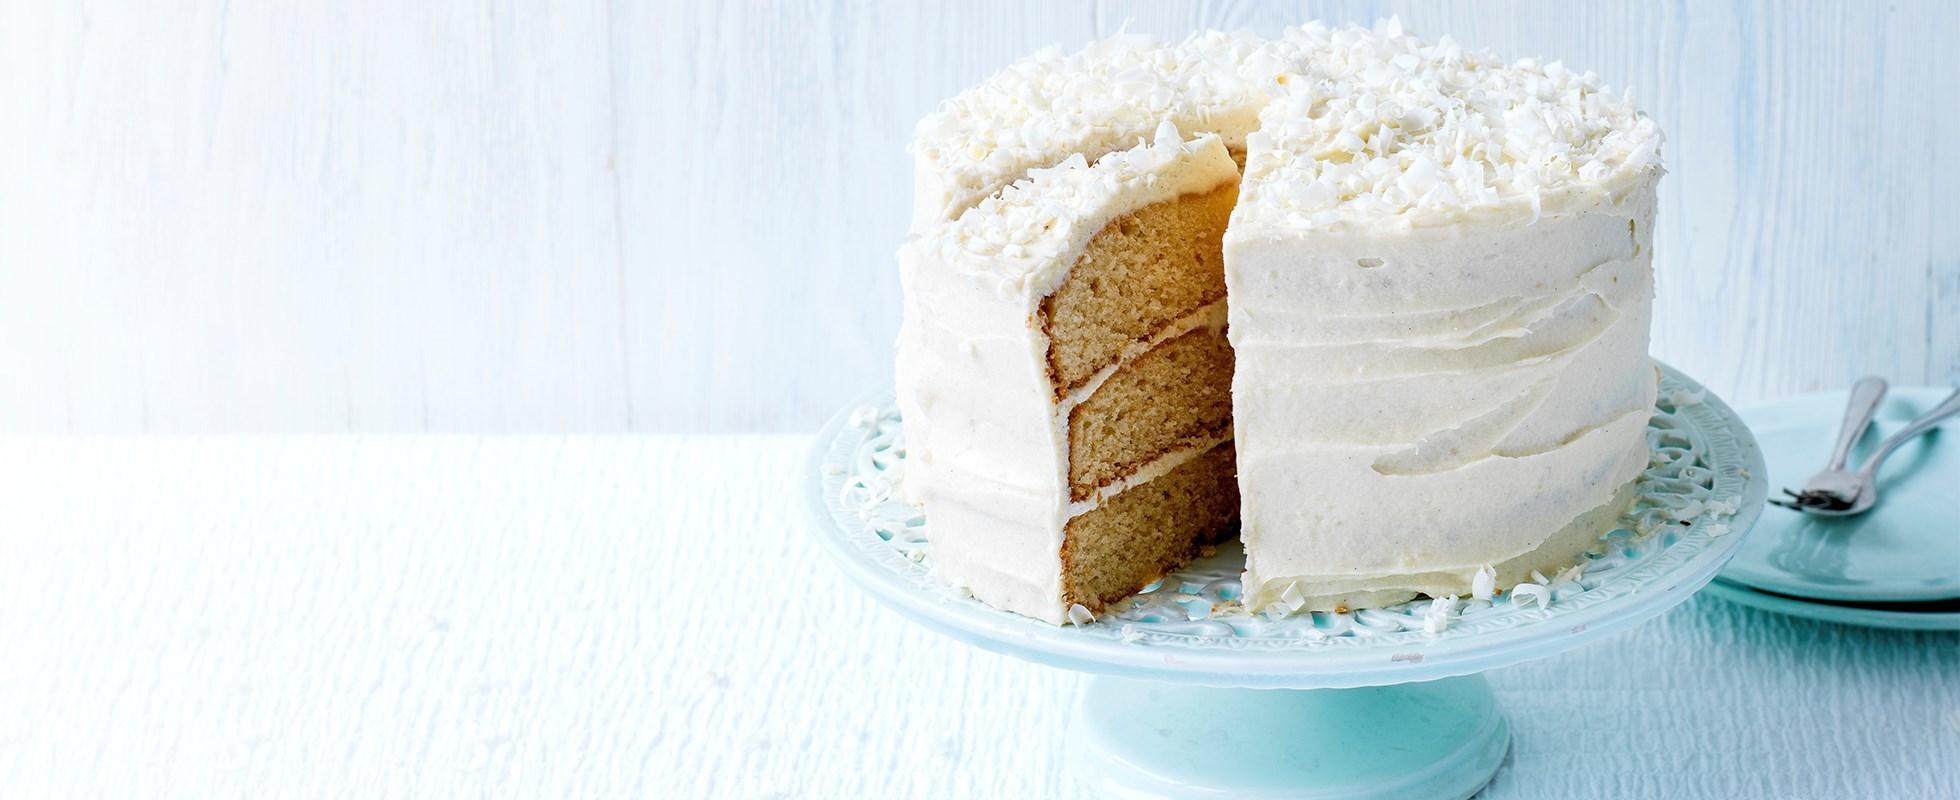 Eggless Fruit Birthday Cake Image Inspiration of Cake and